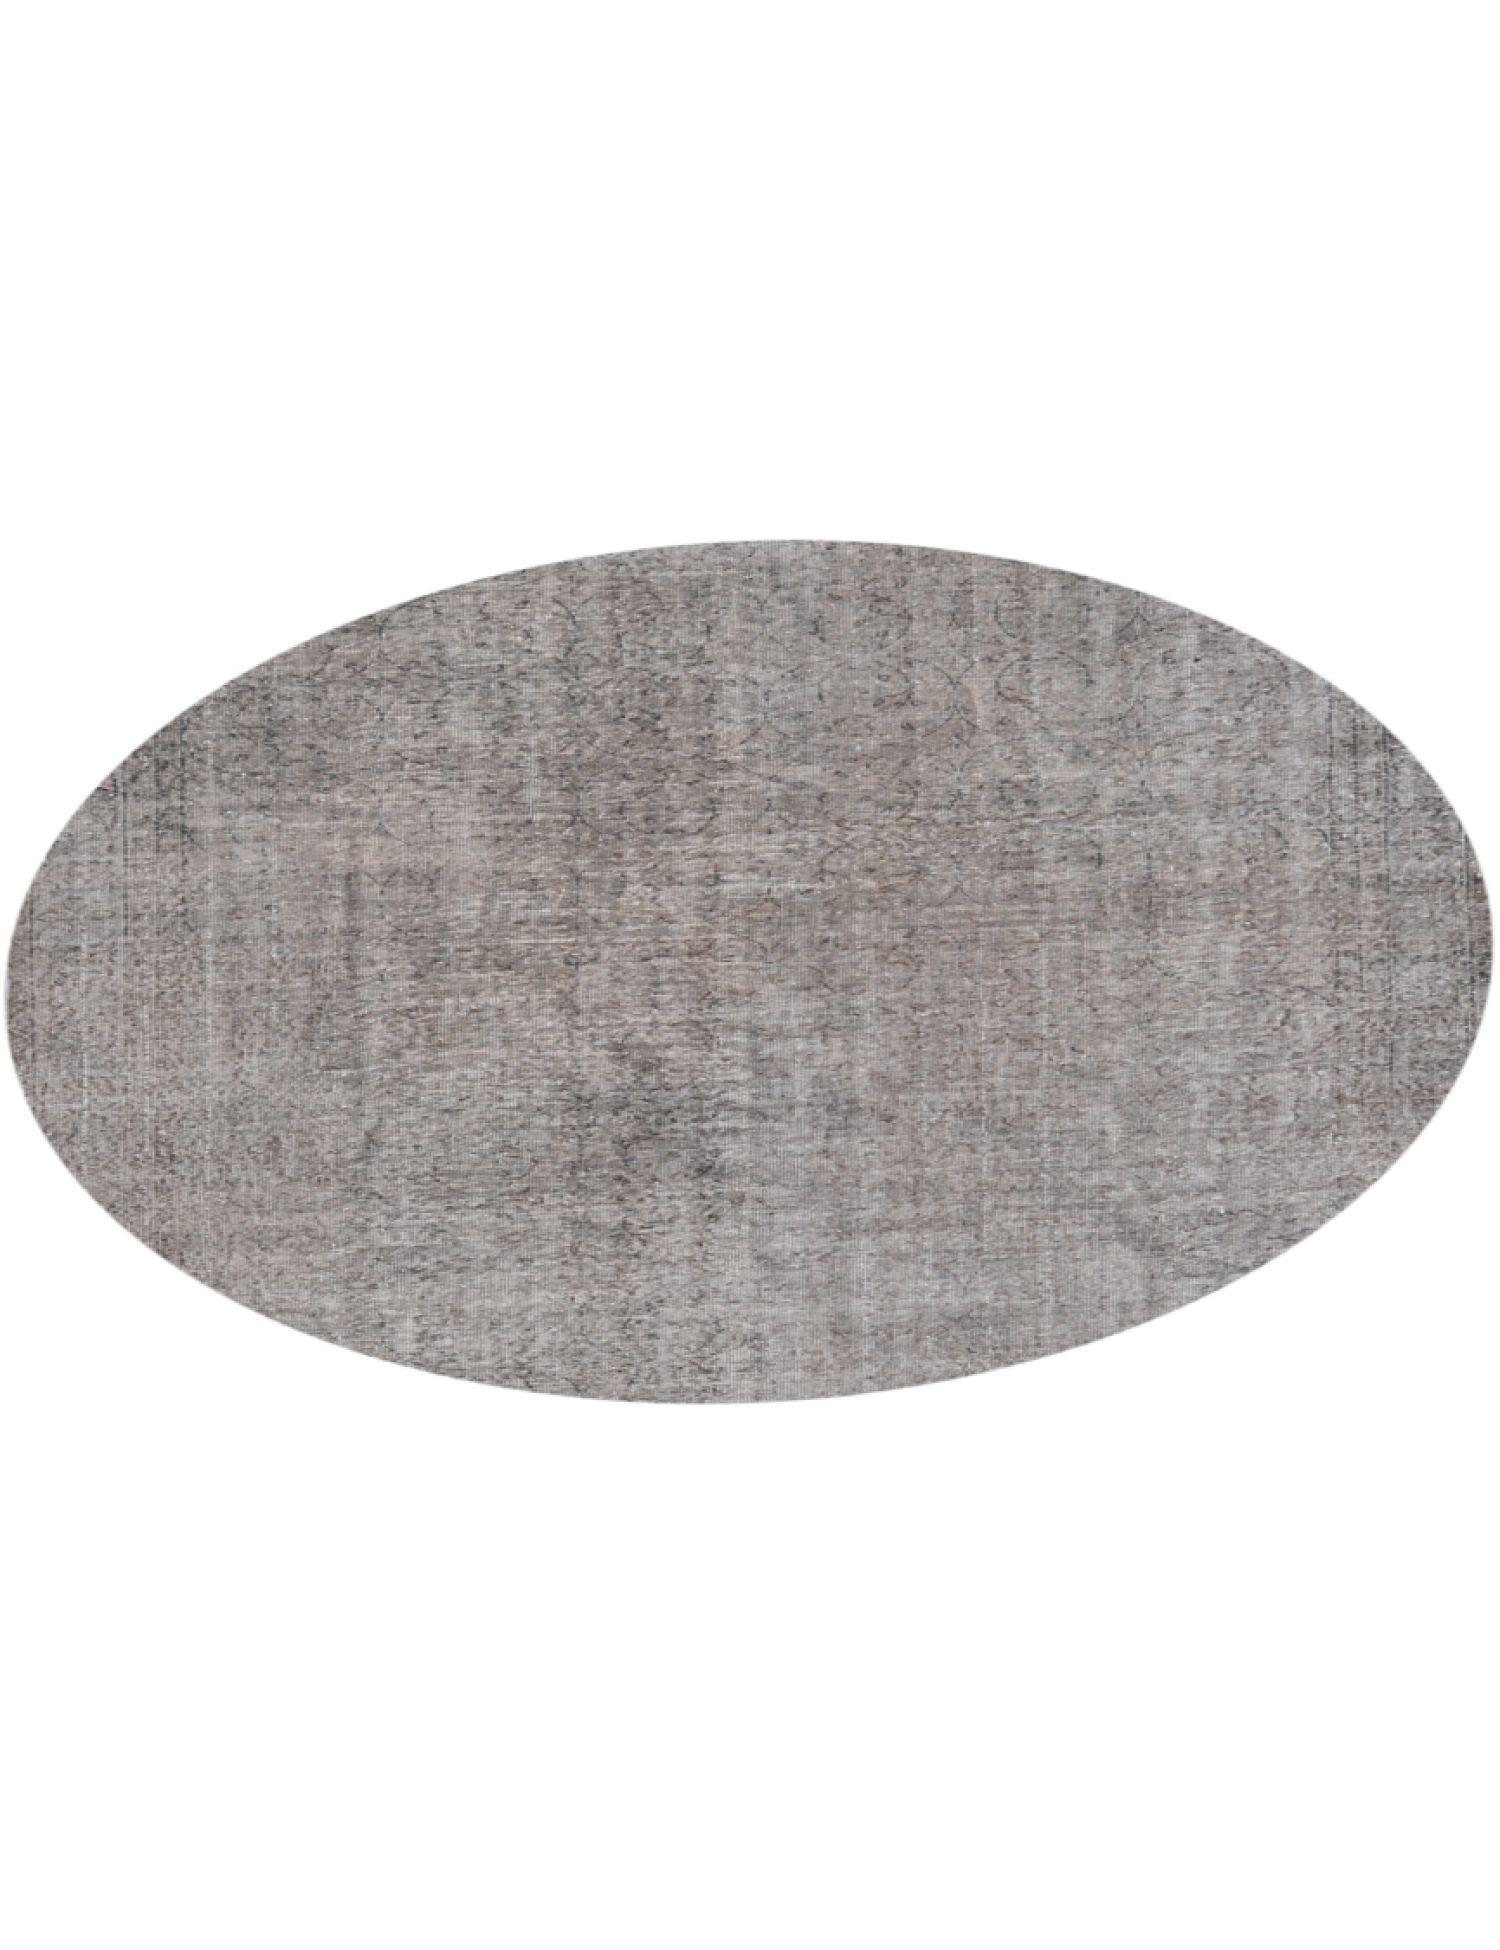 Vintage Teppich rund  grau <br/>217 x 217 cm